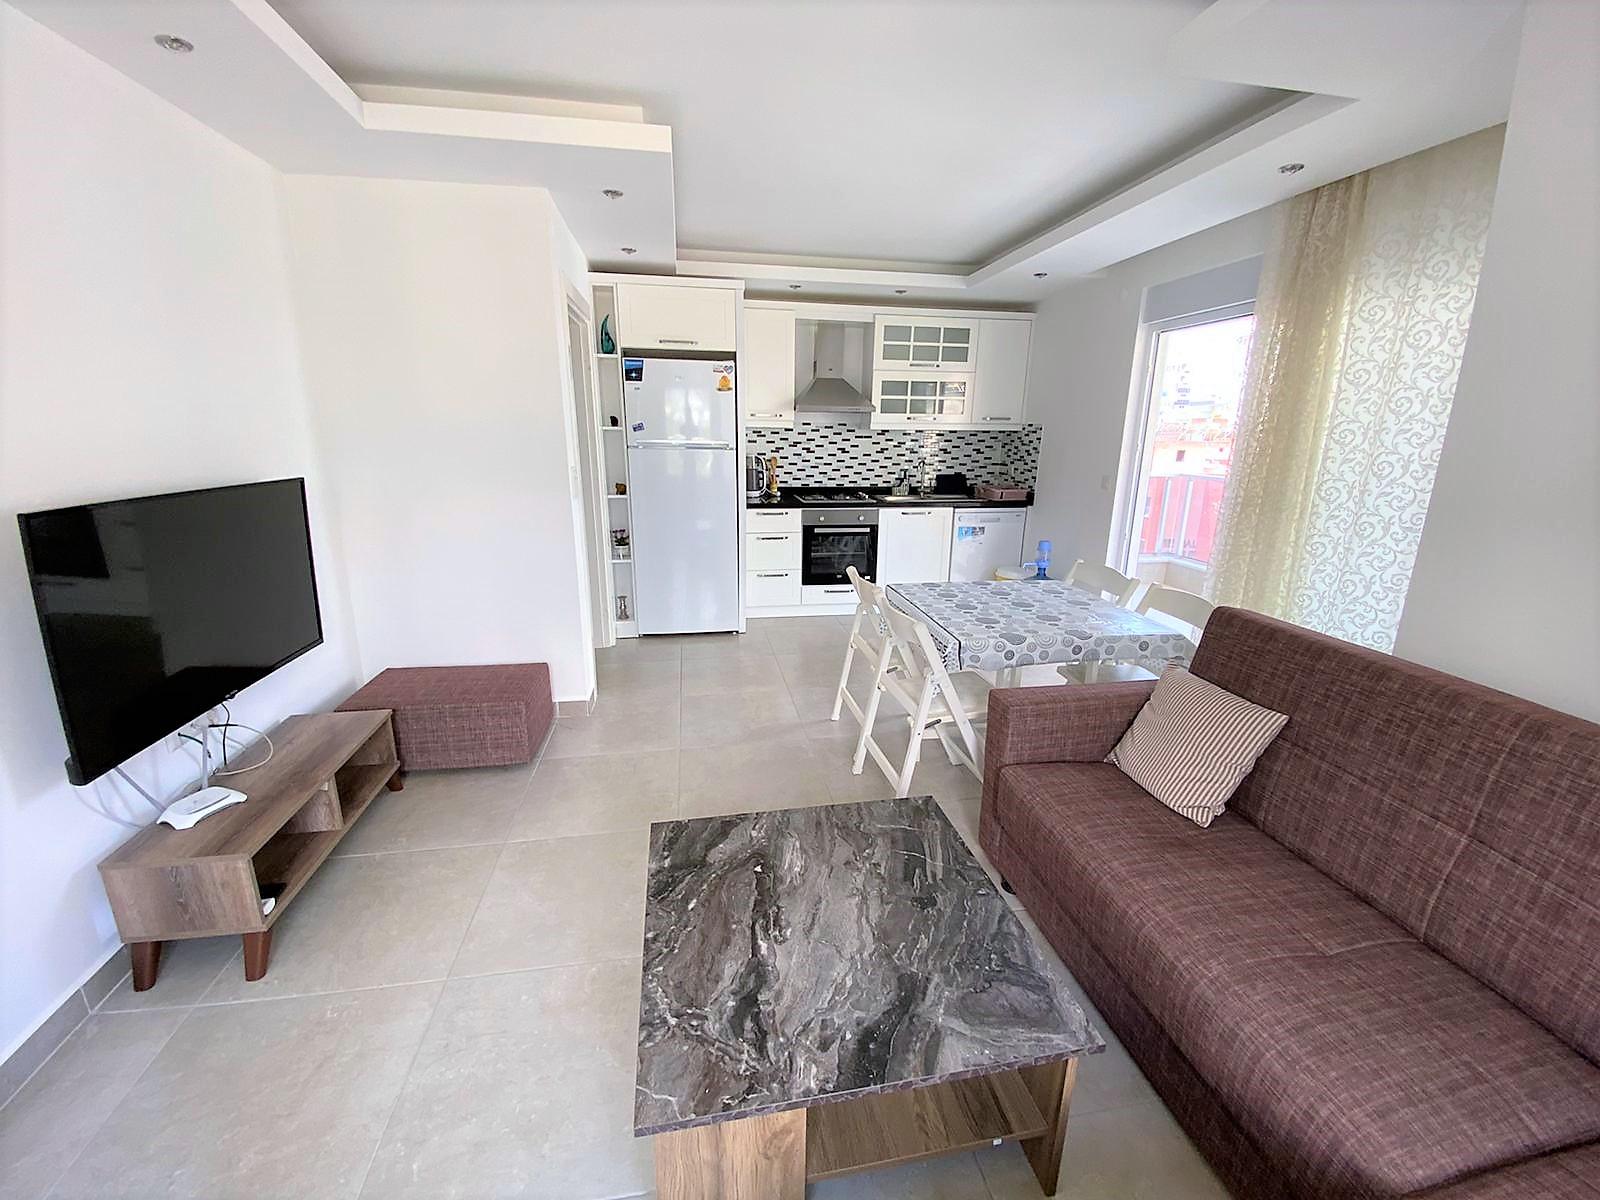 Квартира 1+1 в жилом комплексе района Махмутлар - Фото 10